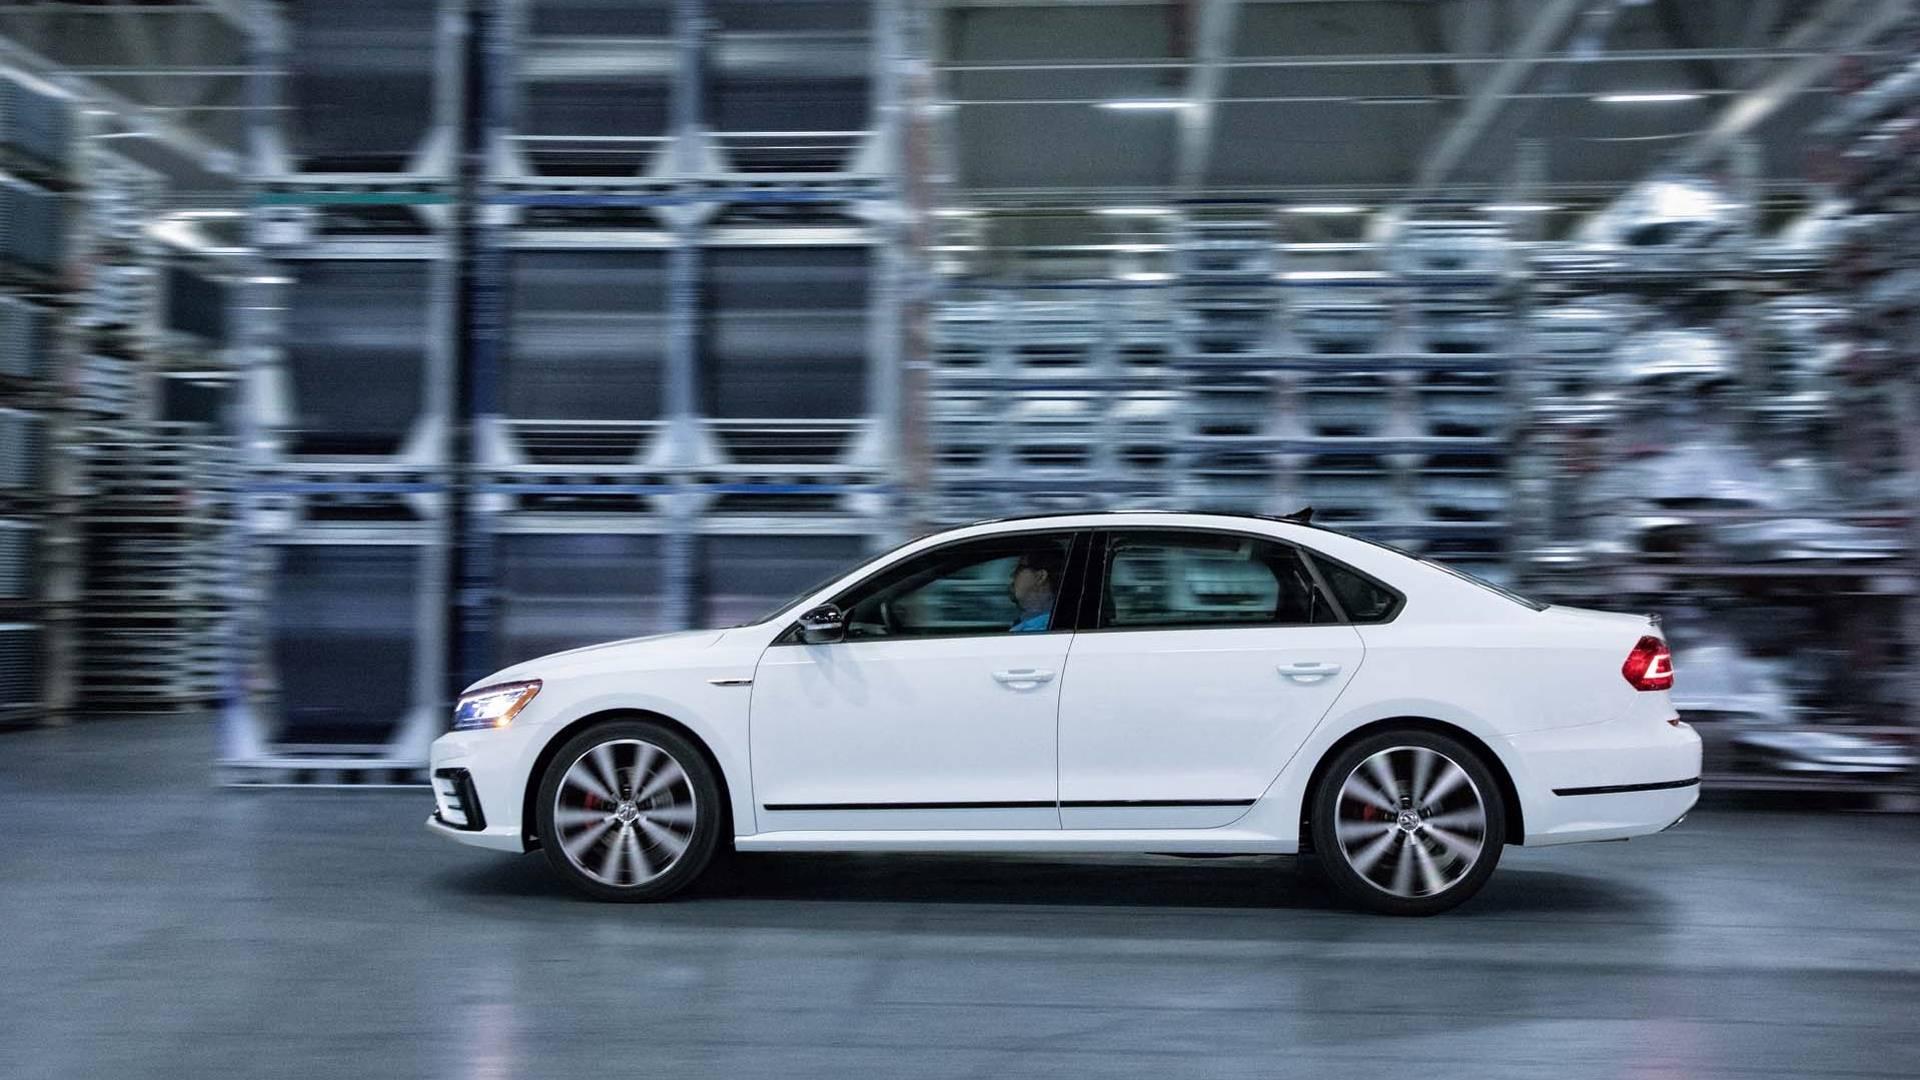 2018_Volkswagen_Passat_GT_0016